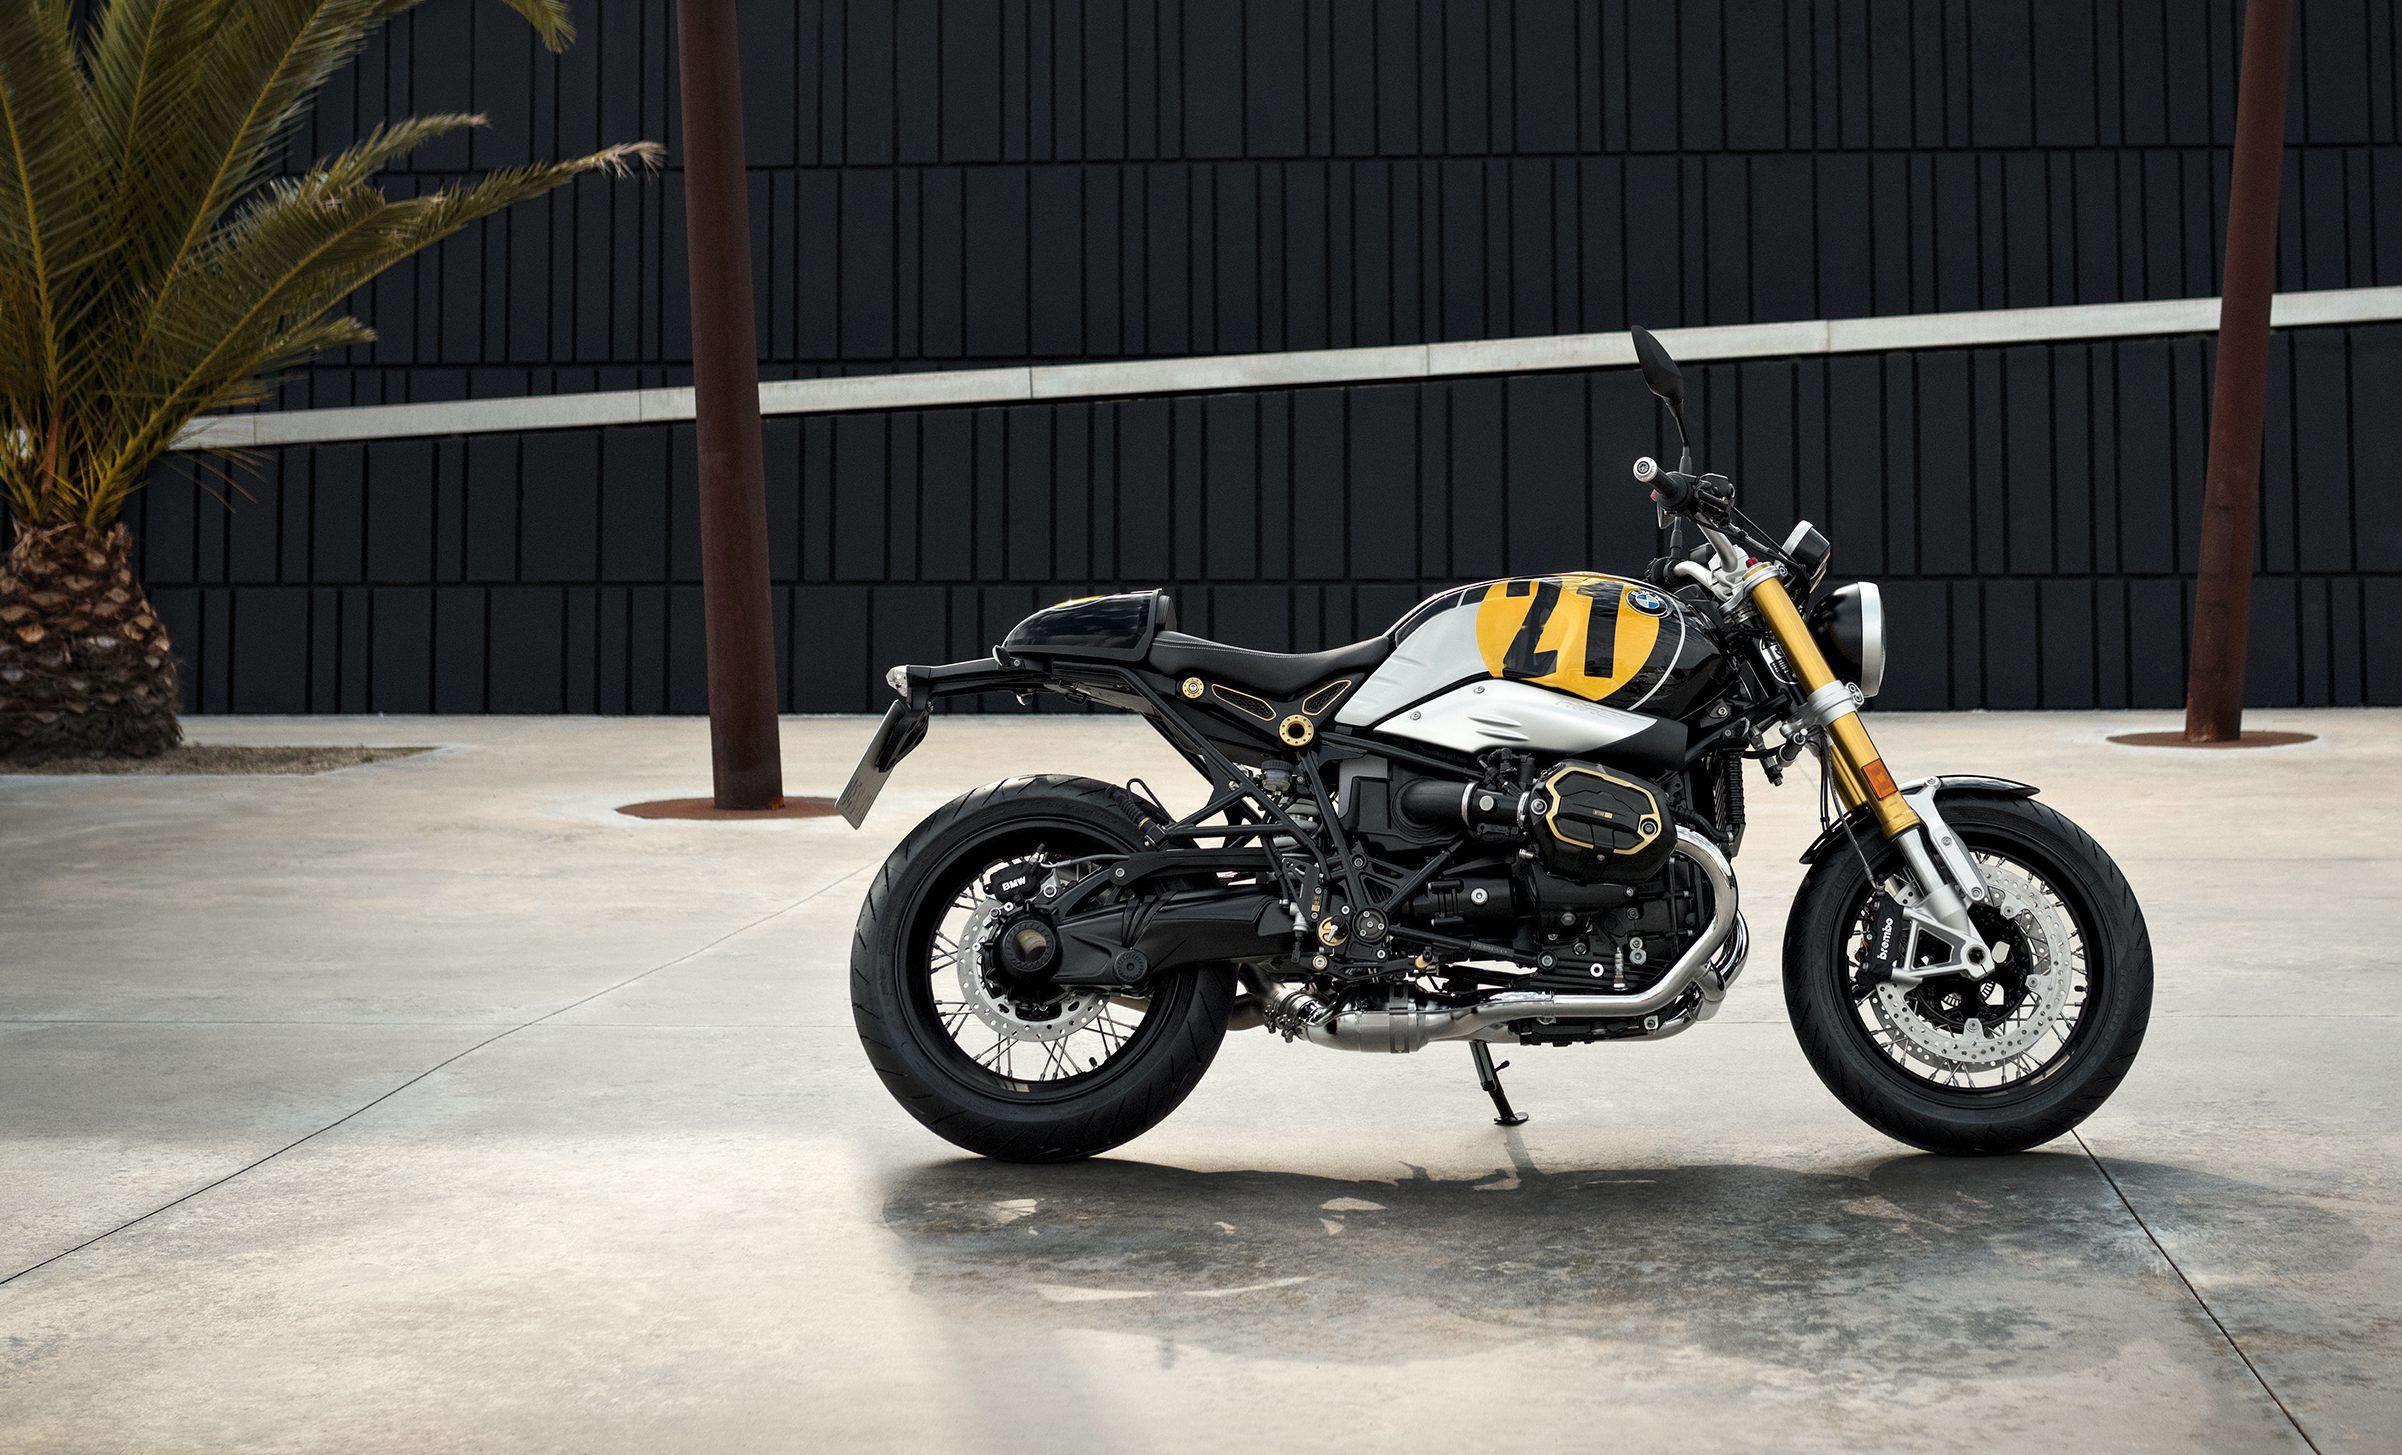 bmw r nine t spezial et racer luxe couple et volupt essai moto. Black Bedroom Furniture Sets. Home Design Ideas